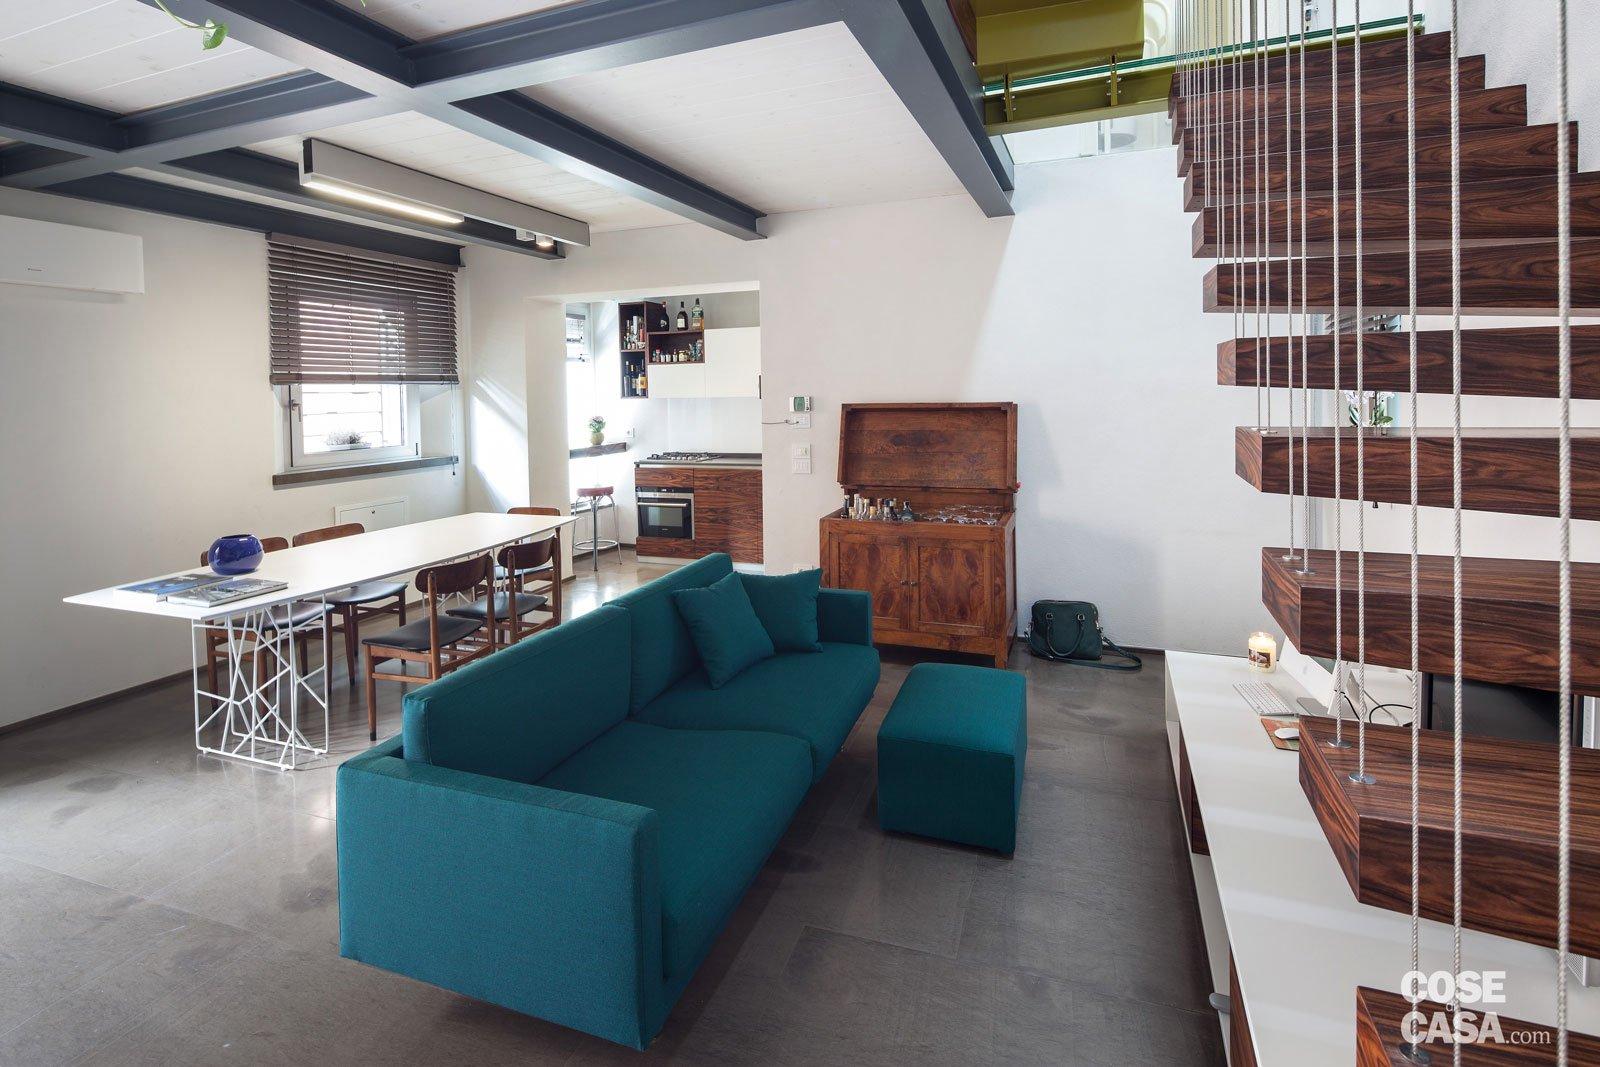 83 mq una mansarda con volumi sovrapposti cose di casa for Piani di casa open space